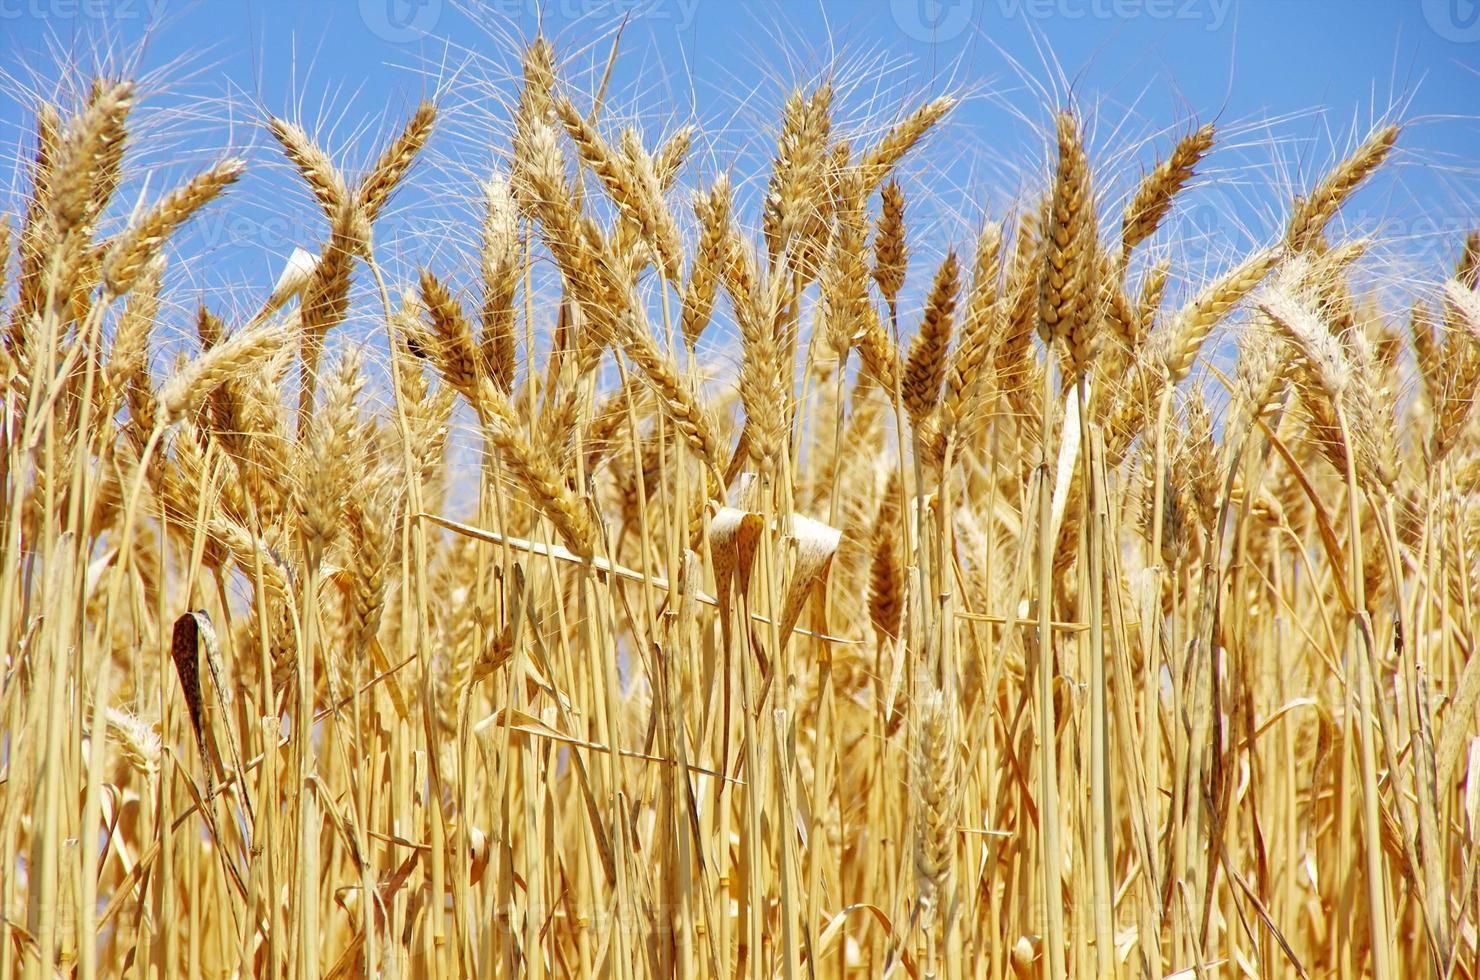 espigas maduras de trigo foto